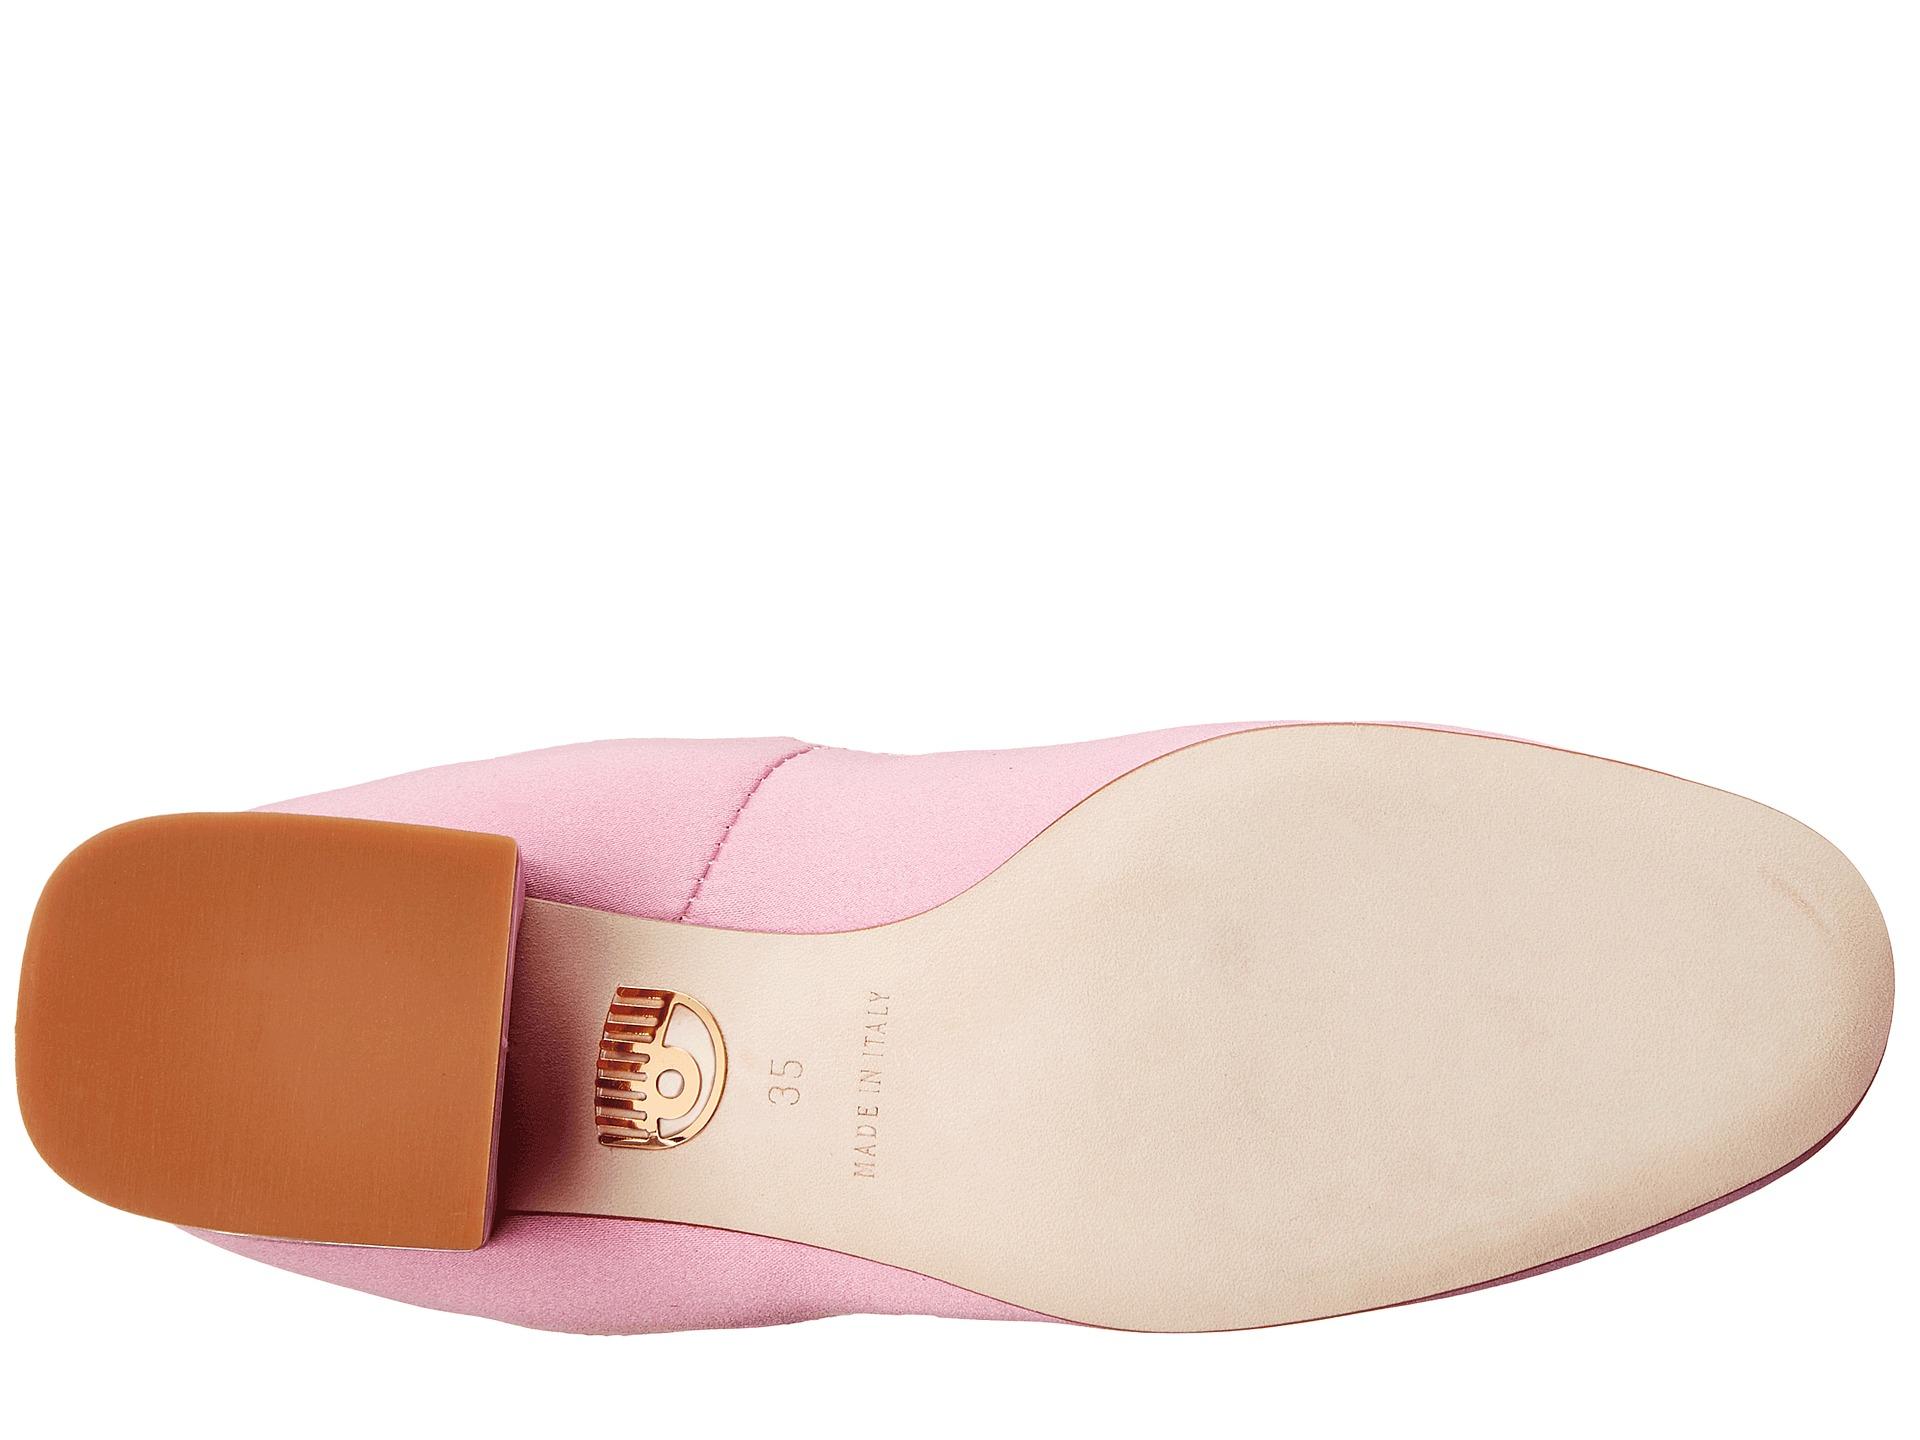 Chiara Ferragni Shoes Size Chart